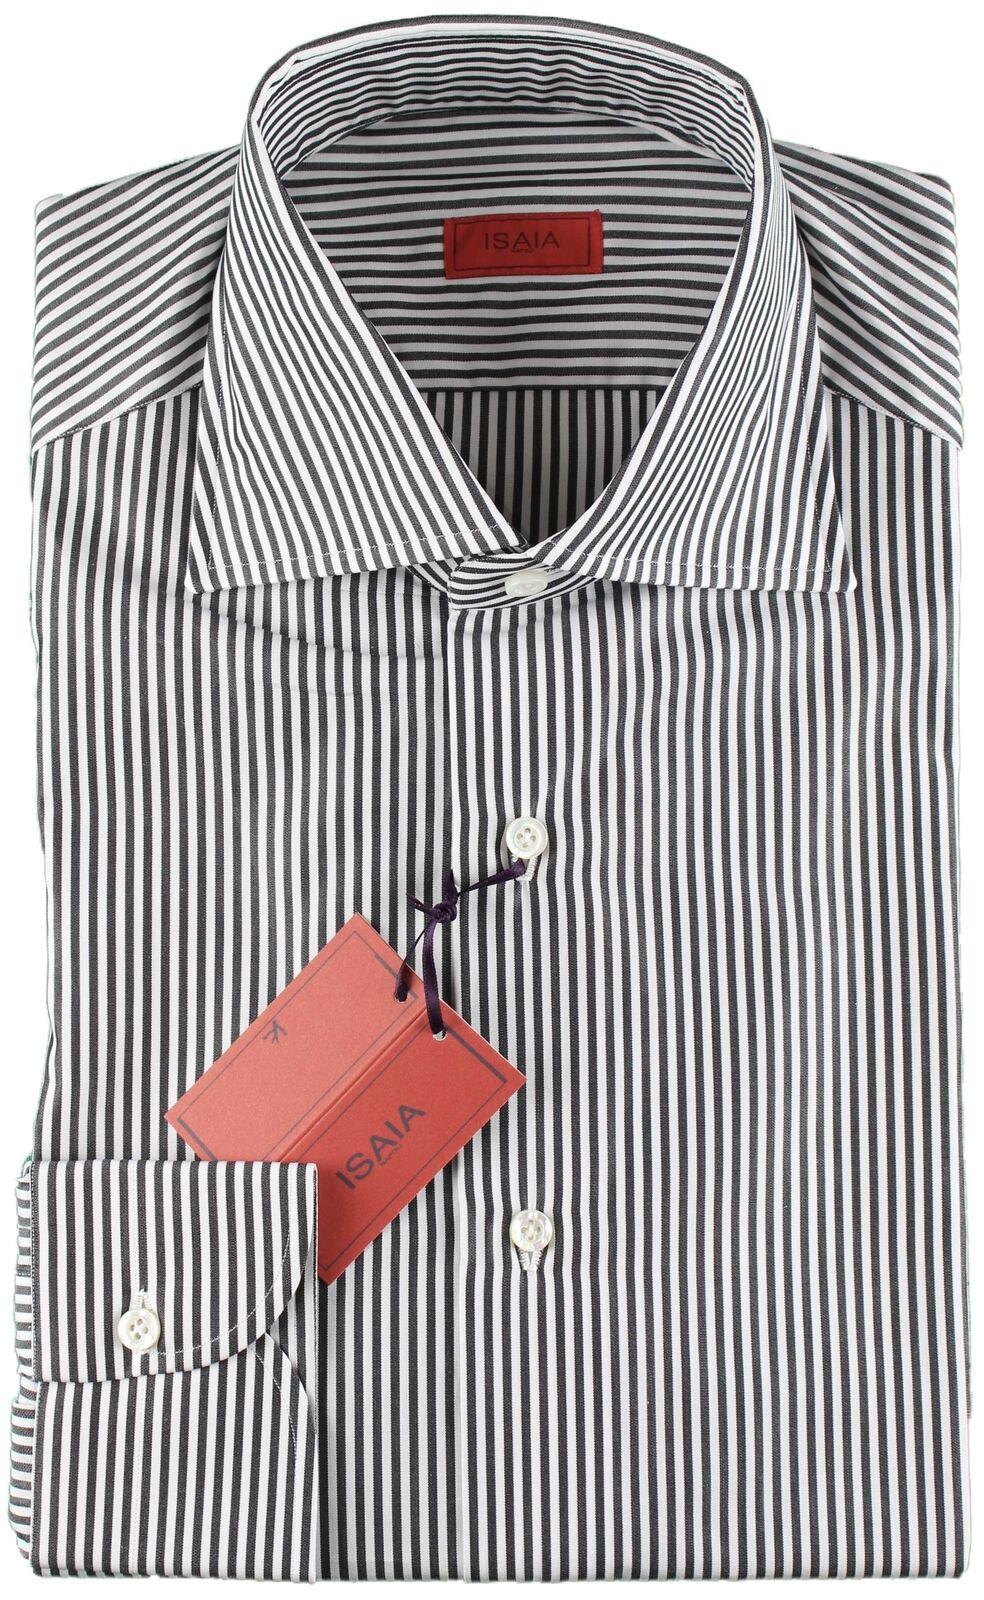 NWT ISAIA hemd schwarz & Weiß striped luxury verbreitung handmade  40 15 3 4